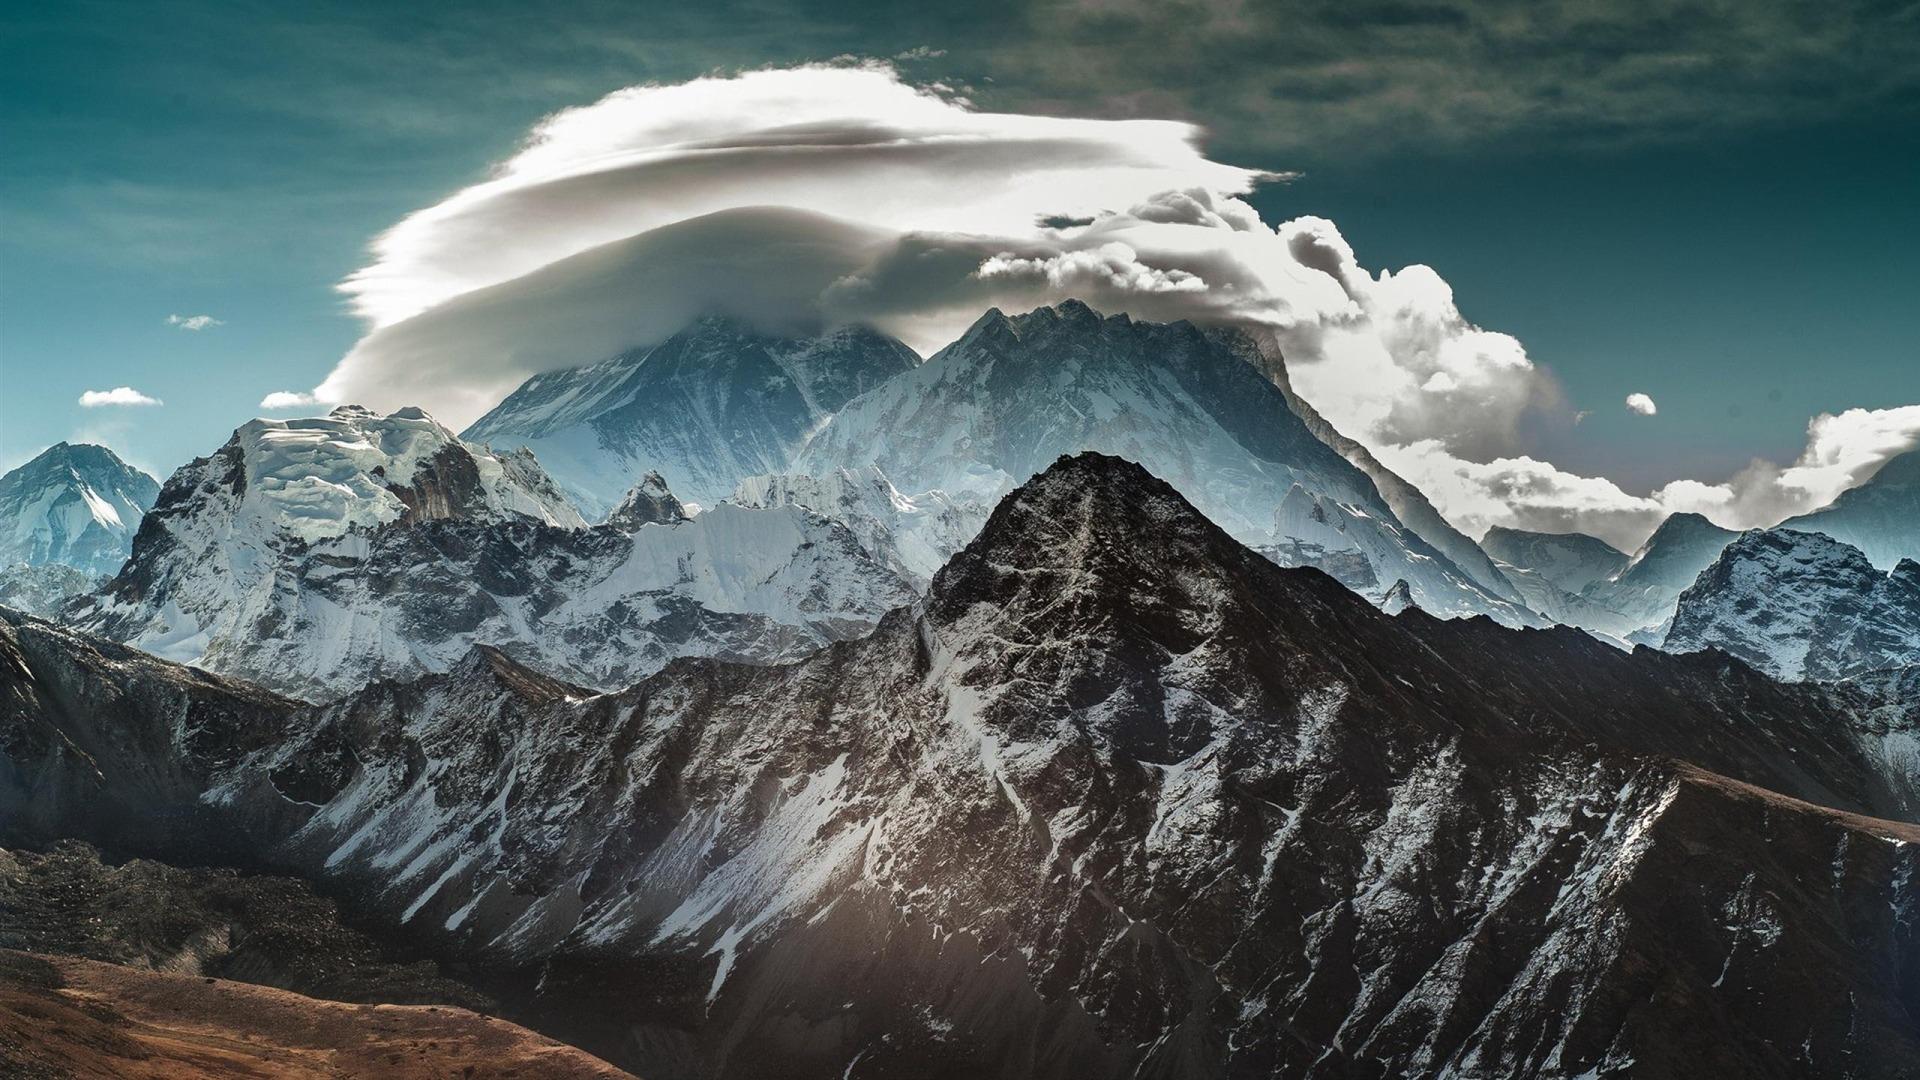 描述: 珠穆朗玛峰云-风景摄影壁纸 当前壁纸尺寸: 1920 x 1080